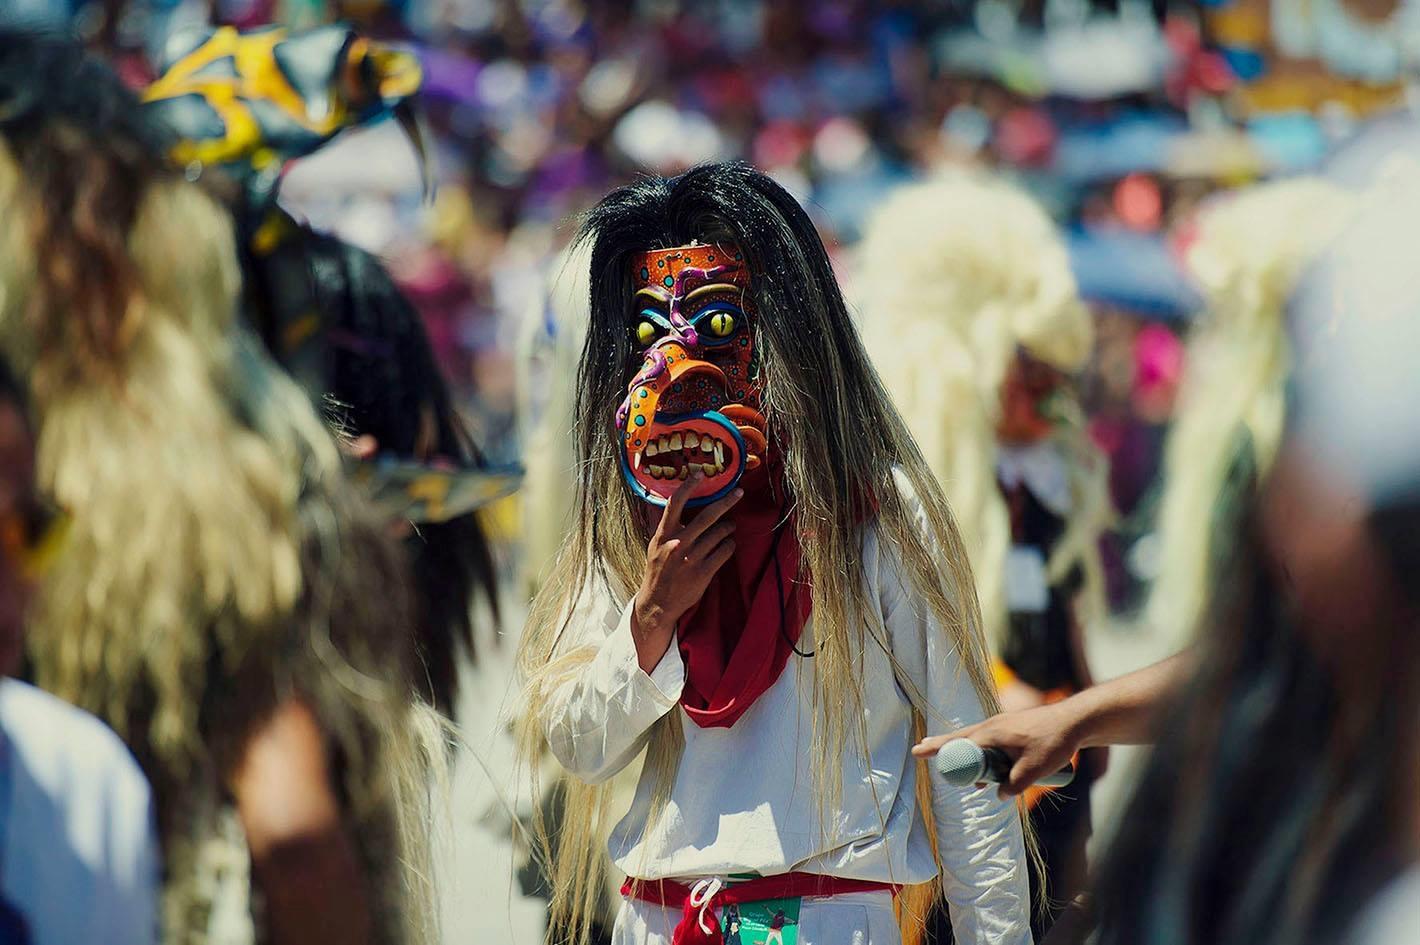 Hombre enmascarado participando en la danza de los Tastuanes, como tradición jalisciense